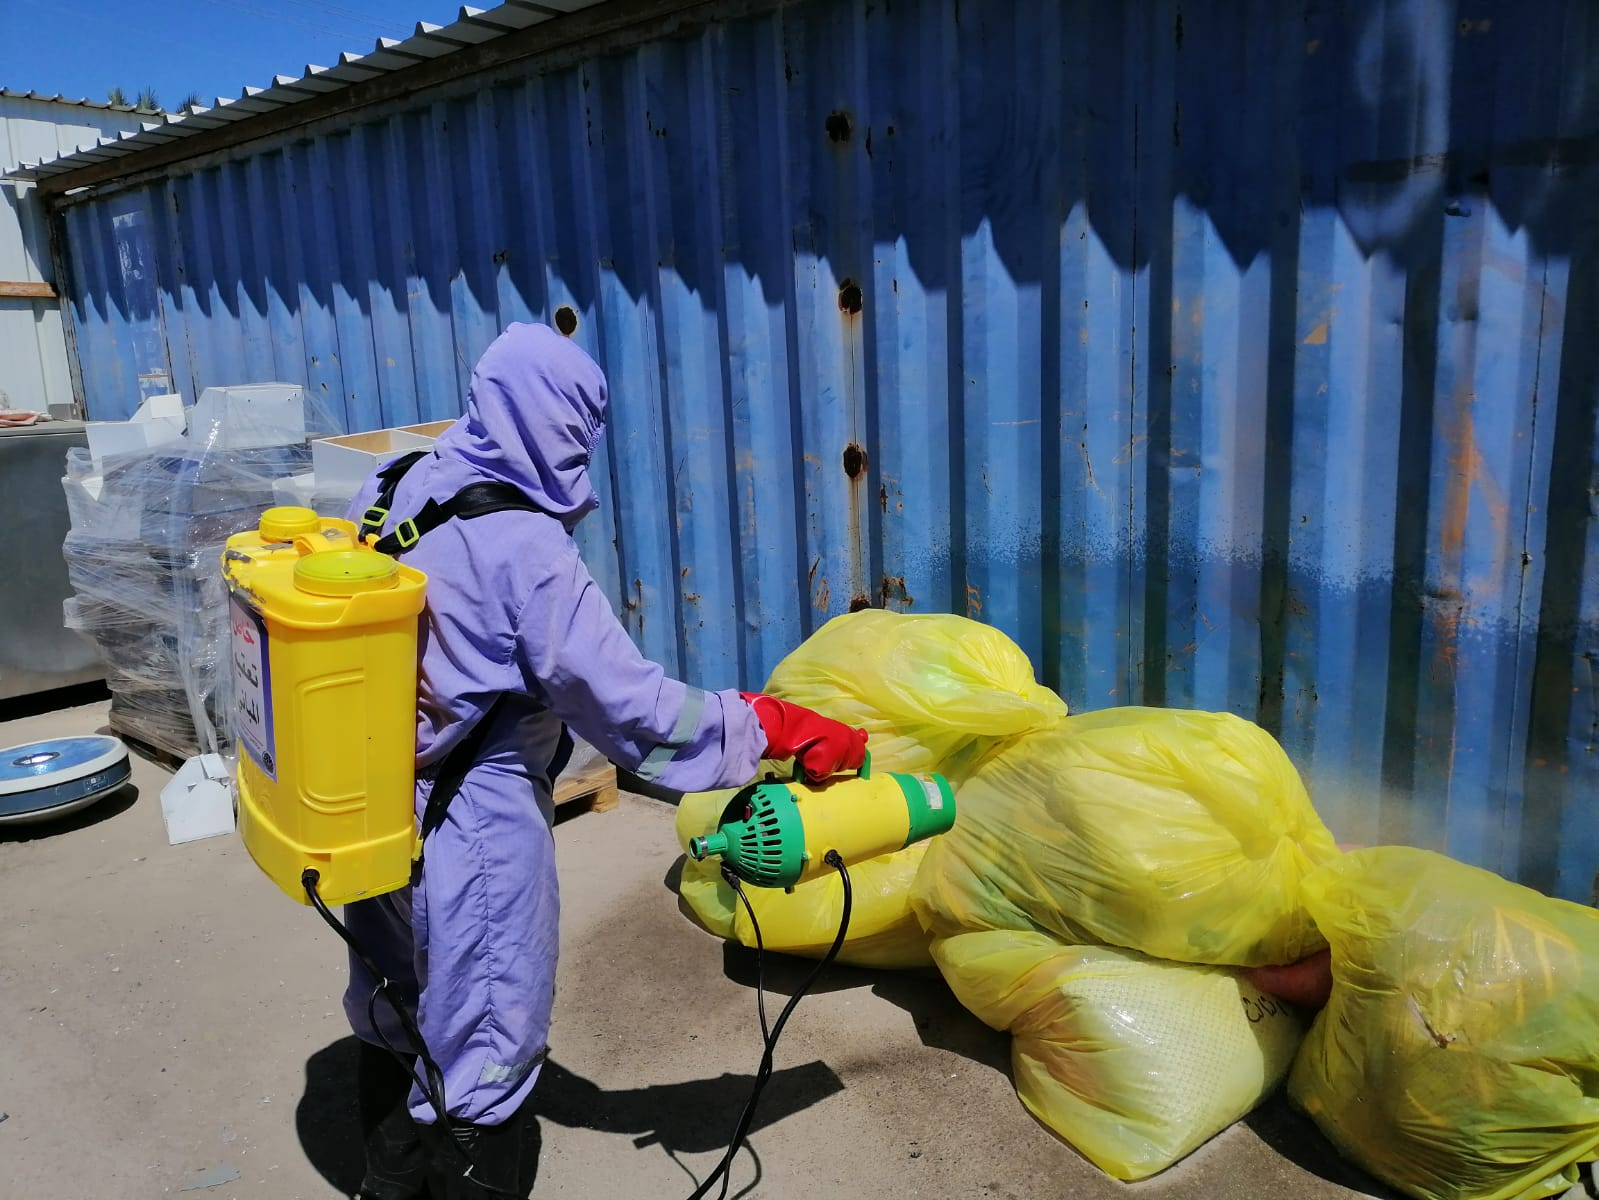 خلال جولة تفقدية..  الصواف يؤكد على ضرورة التزام شركات النظافة باللوائح والبروتوكولات المعتمدة